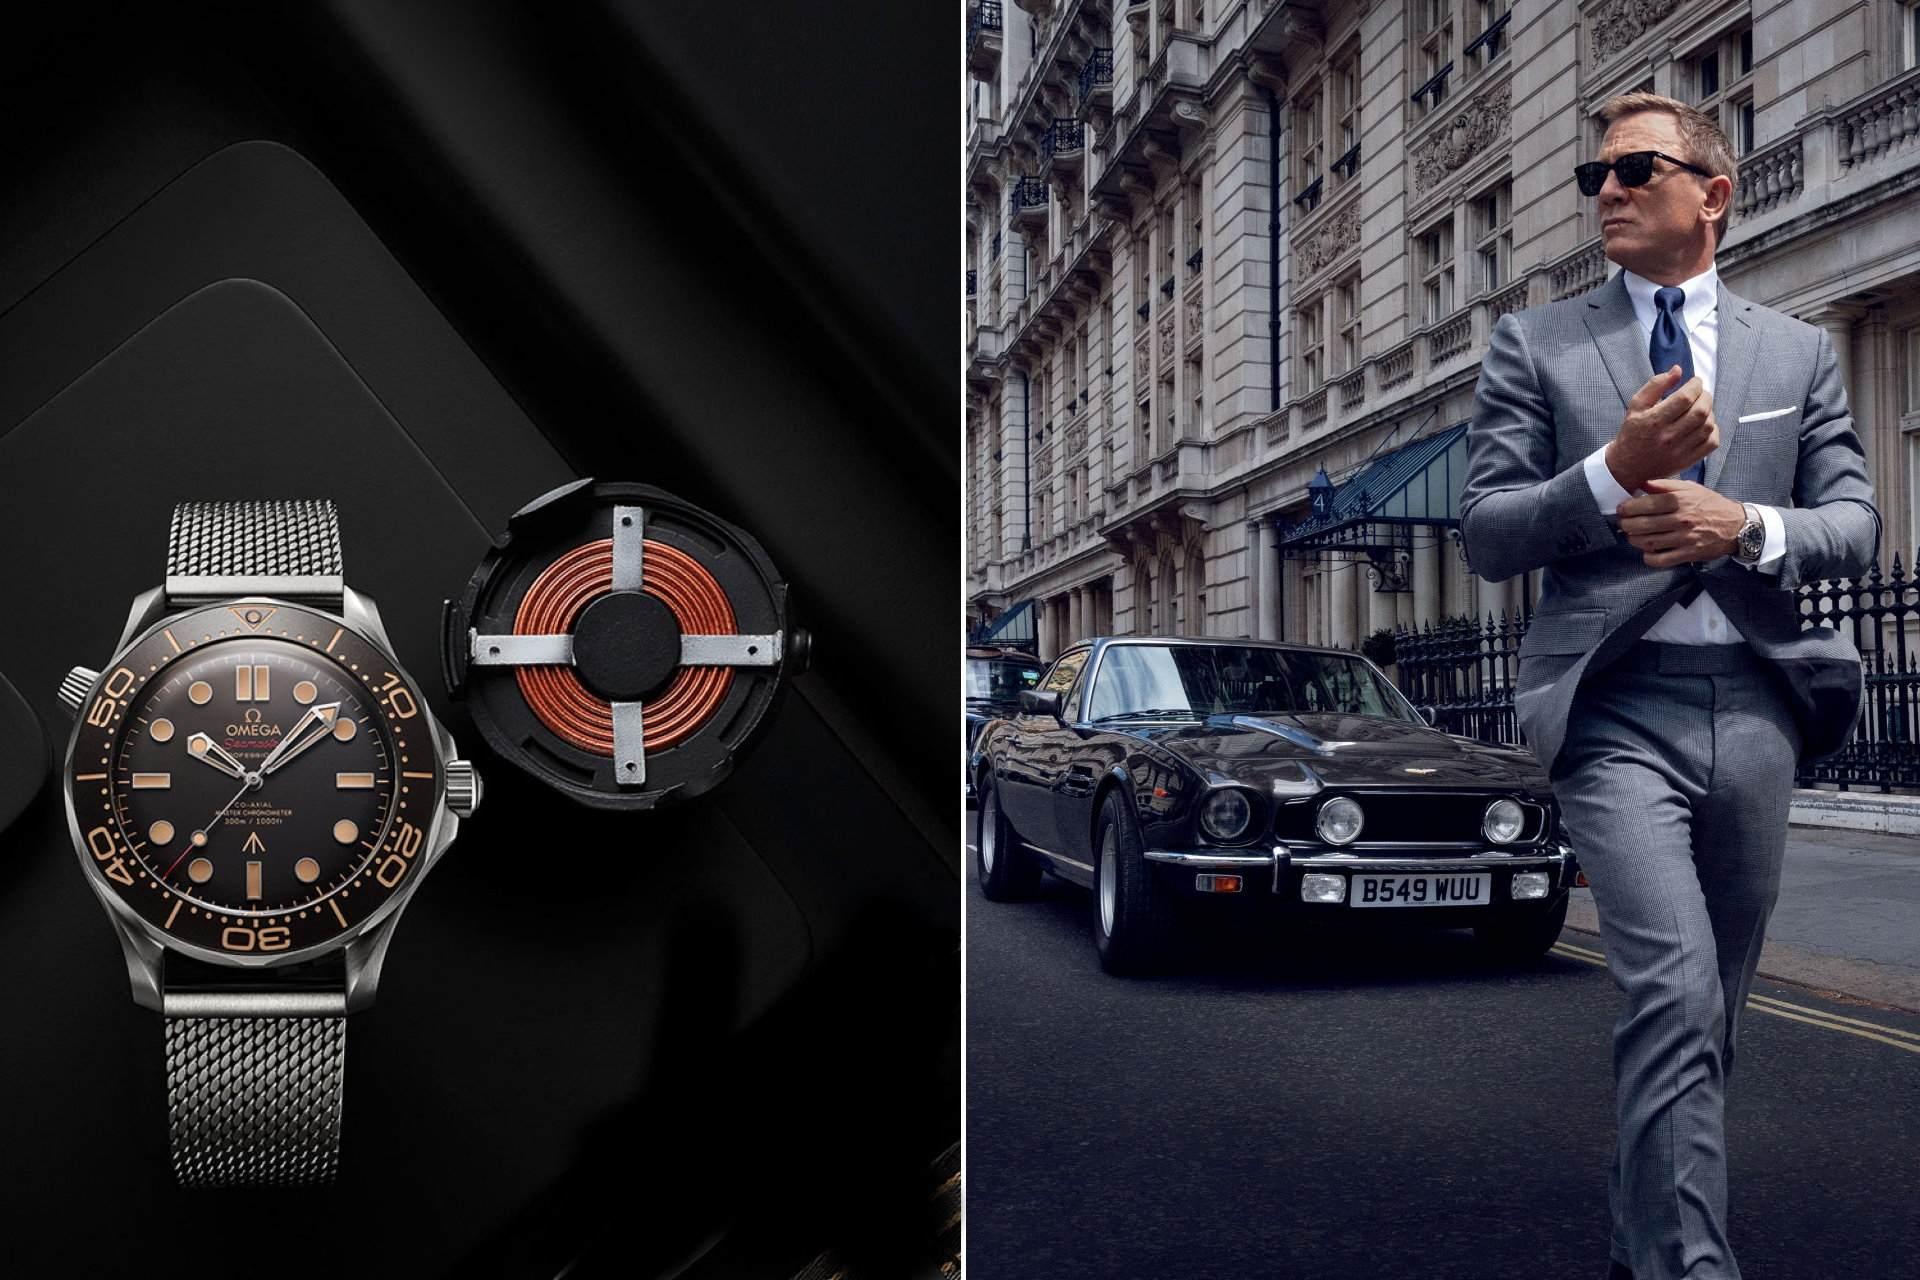 看過《 007:生死交戰》,你知道龐德的Seamaster海馬潛水錶藏著什麼祕密嗎?